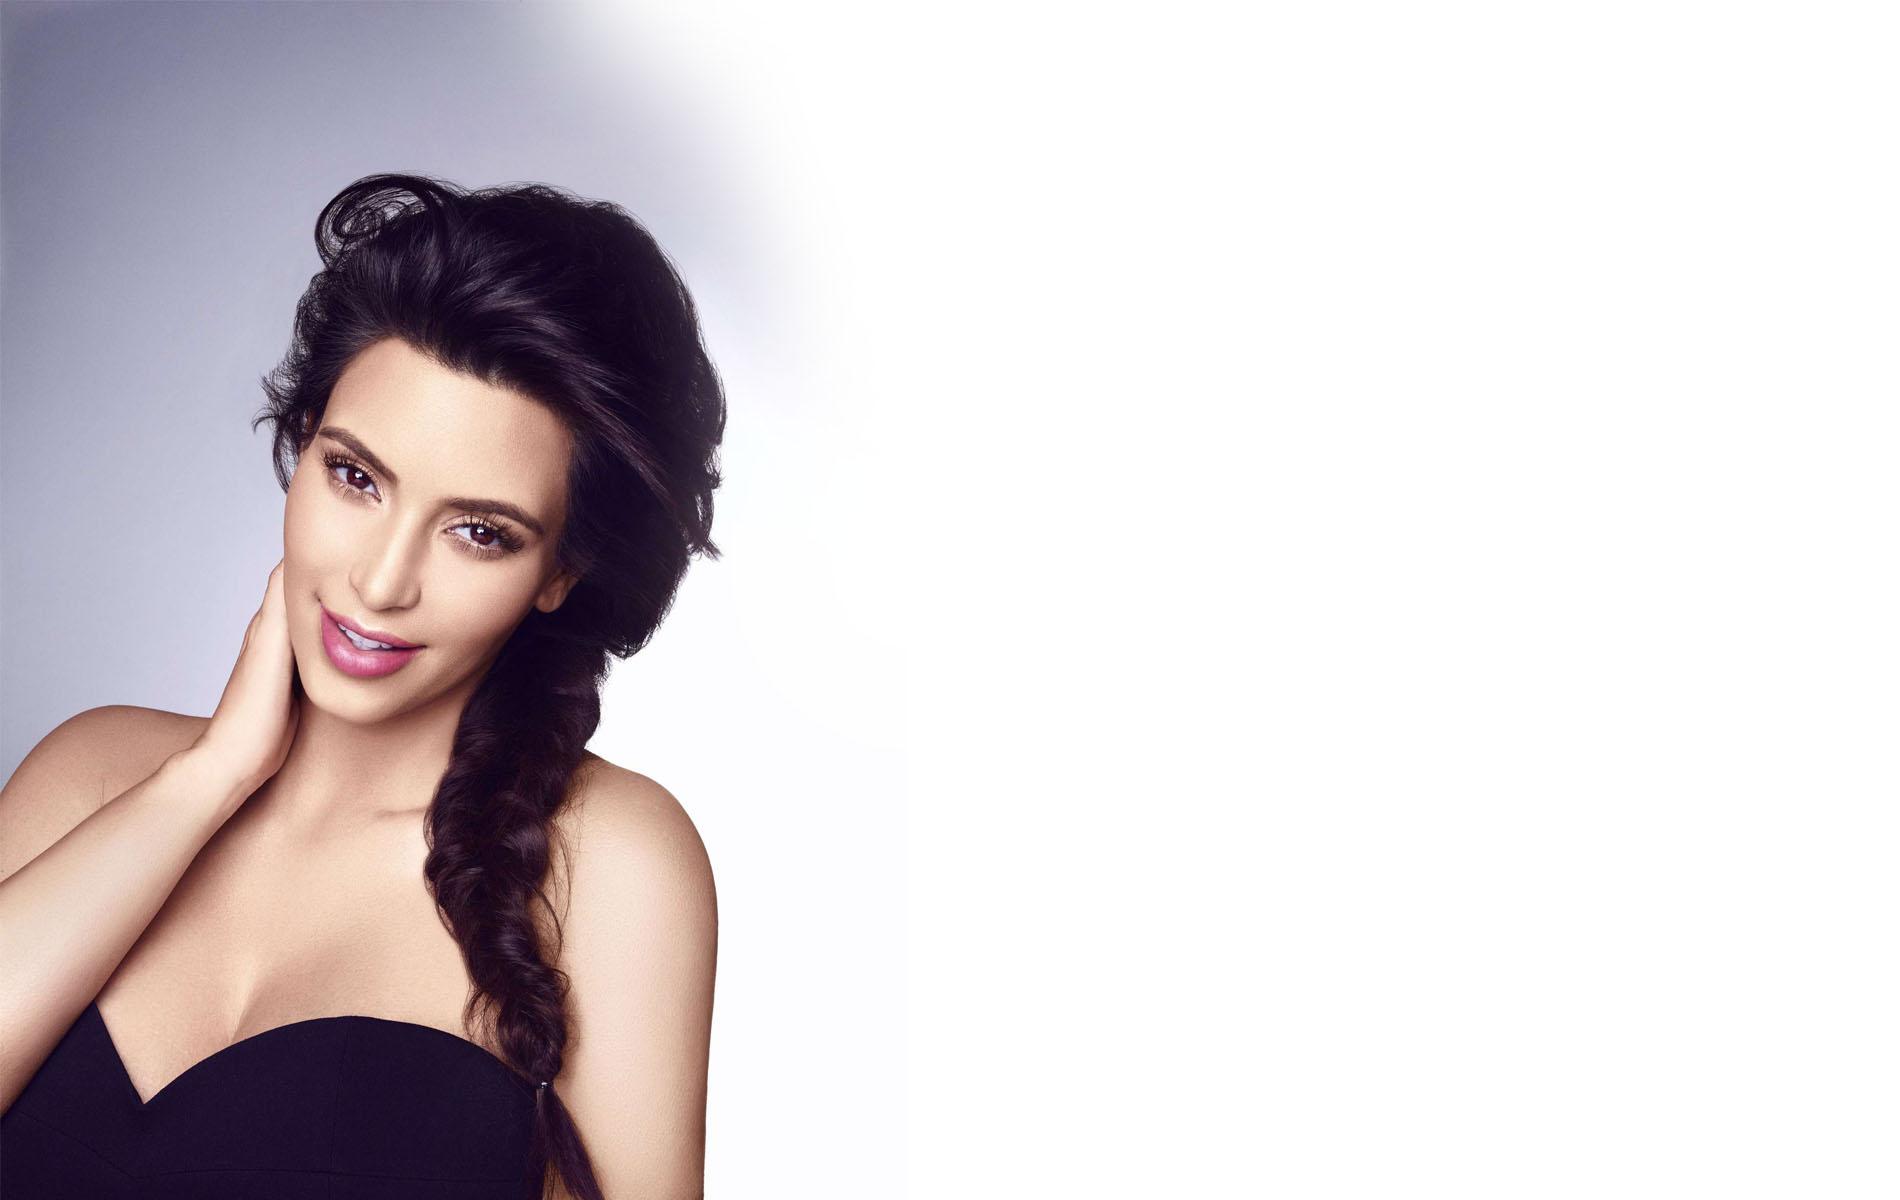 Kardashians Photo Shoot Kim Kardashian 2015 Hd...